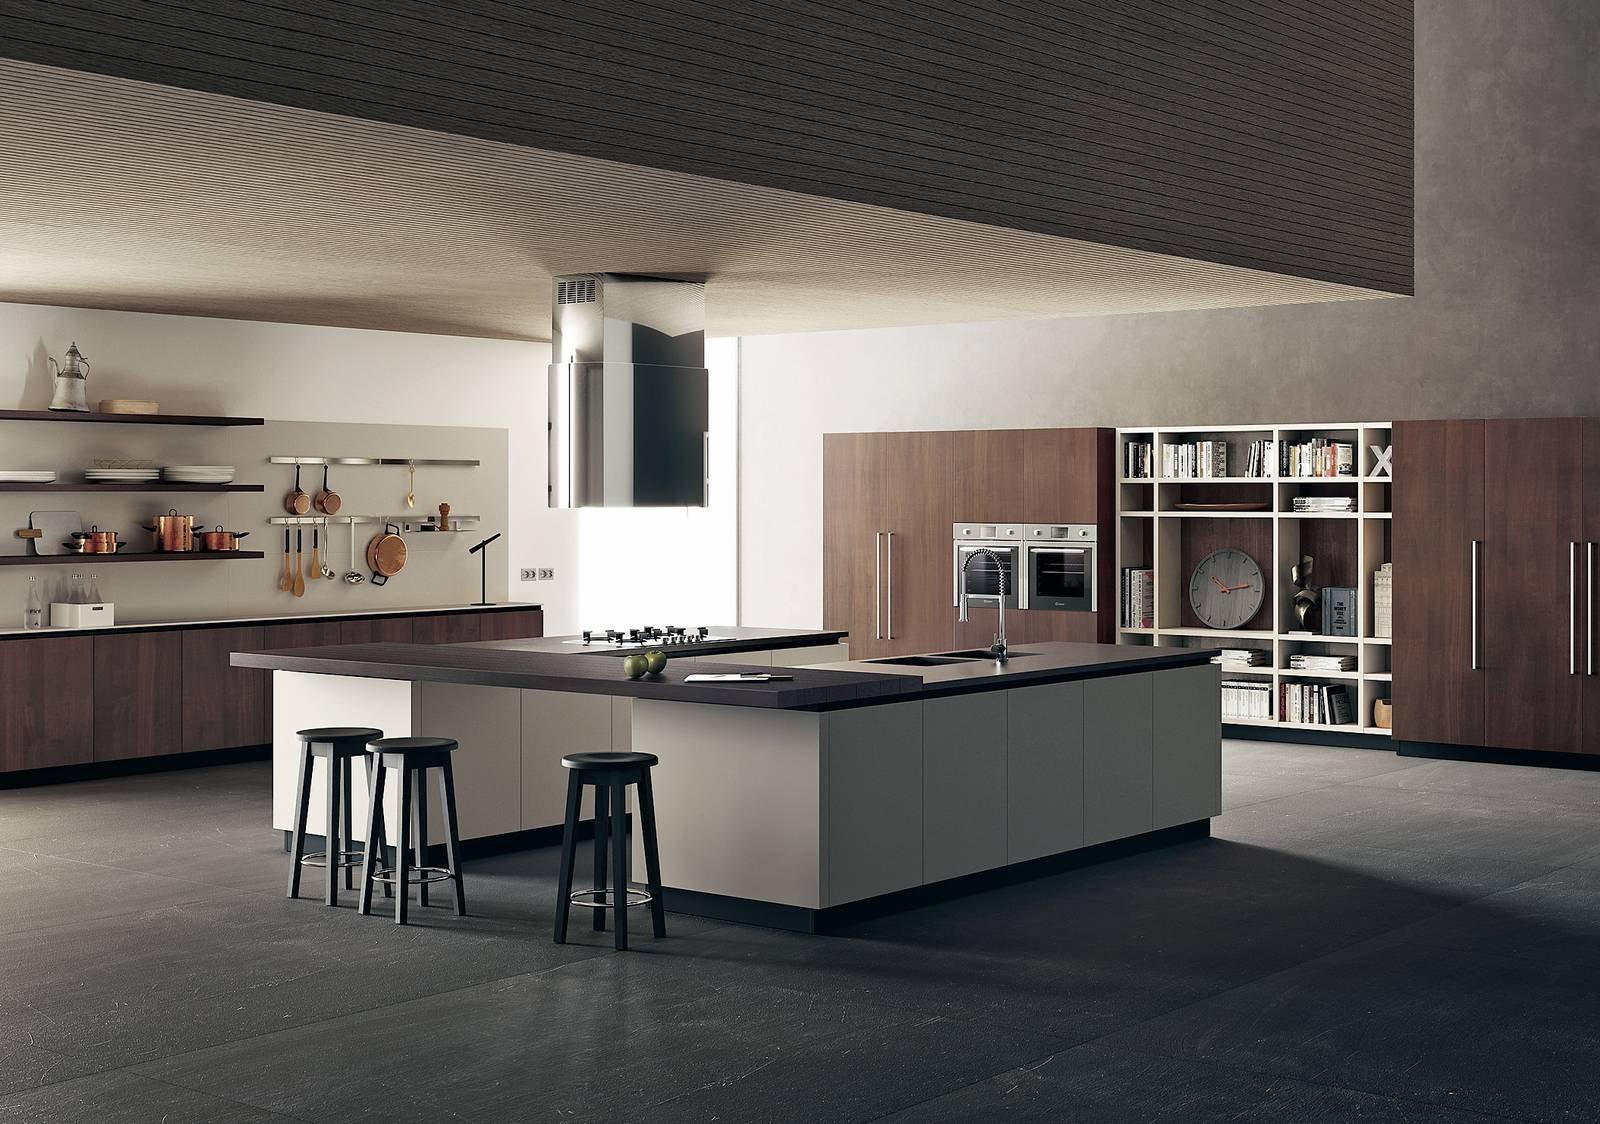 Scegliere la cucina: top, cappe, schienali... - Cose di Casa